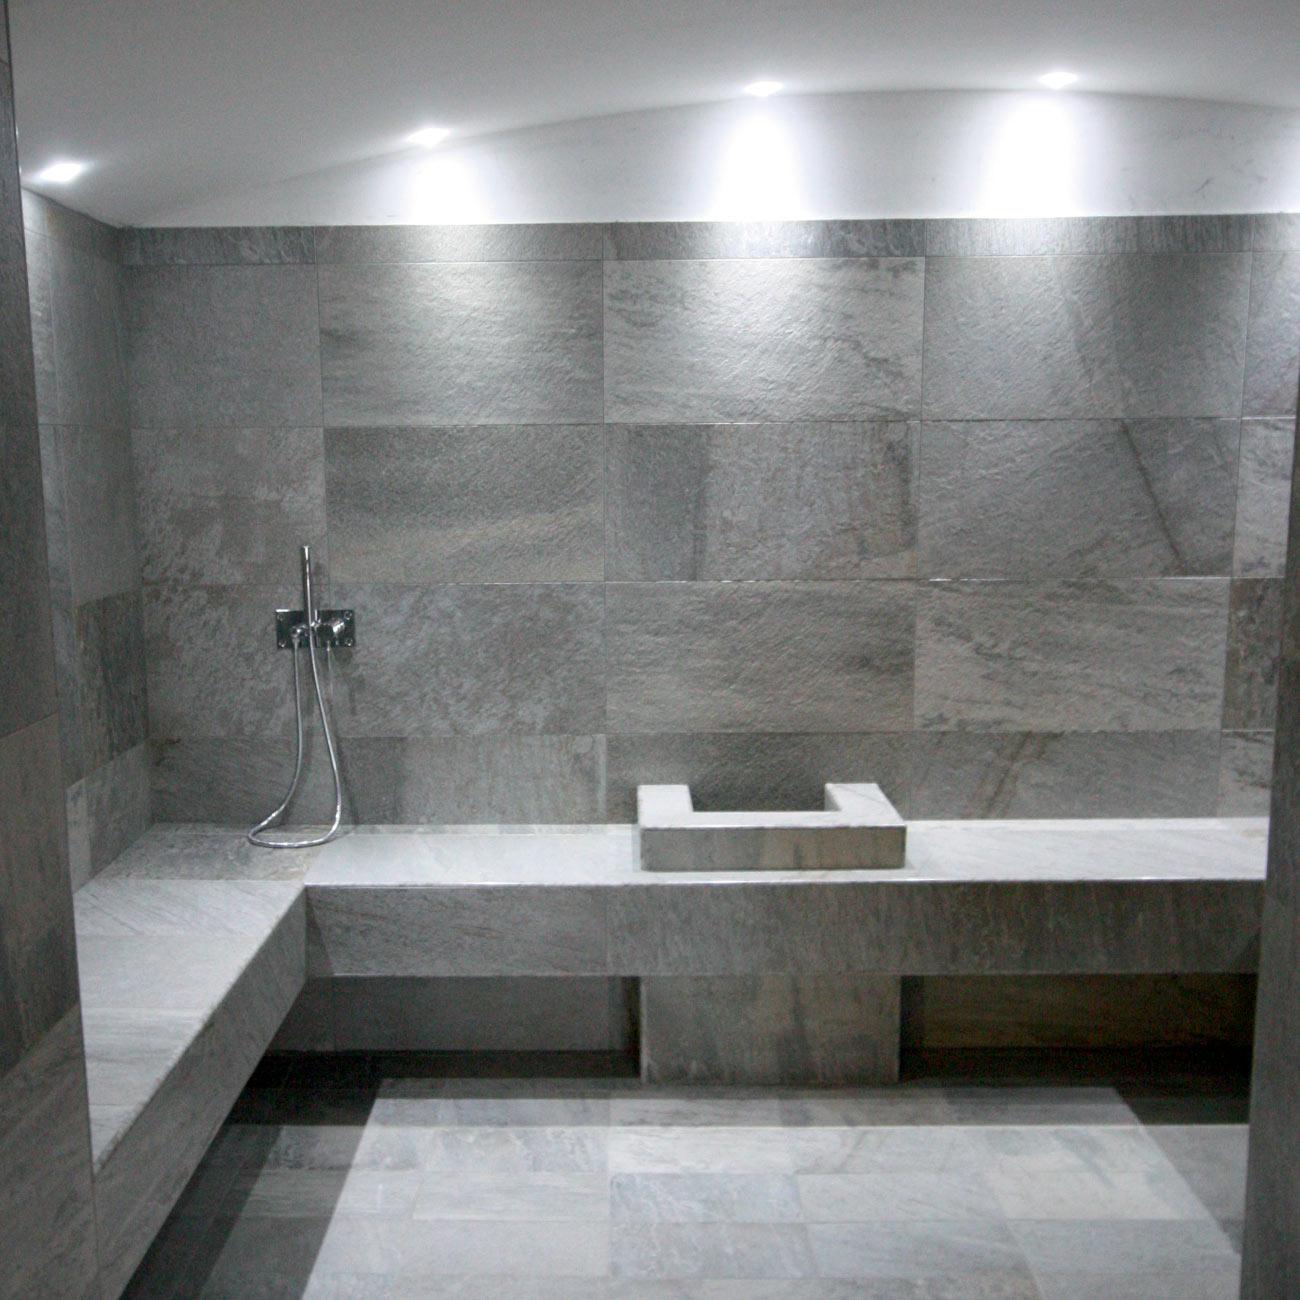 Bagno Turco Messina.Bagni Turchi Professionali E Su Misura Kilife Spa Wellness